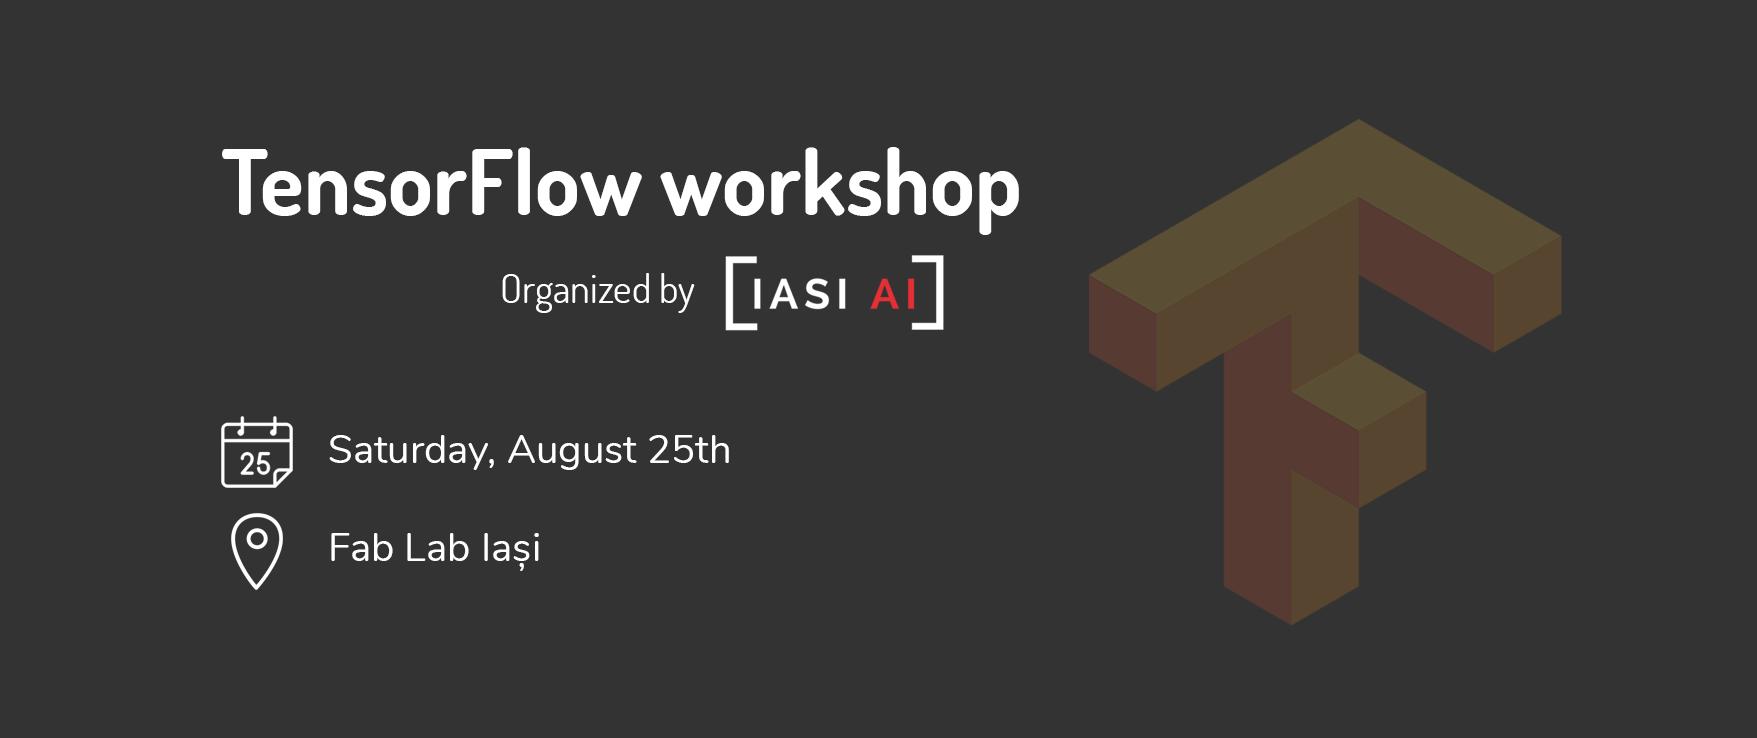 TensorFlow workshop cover